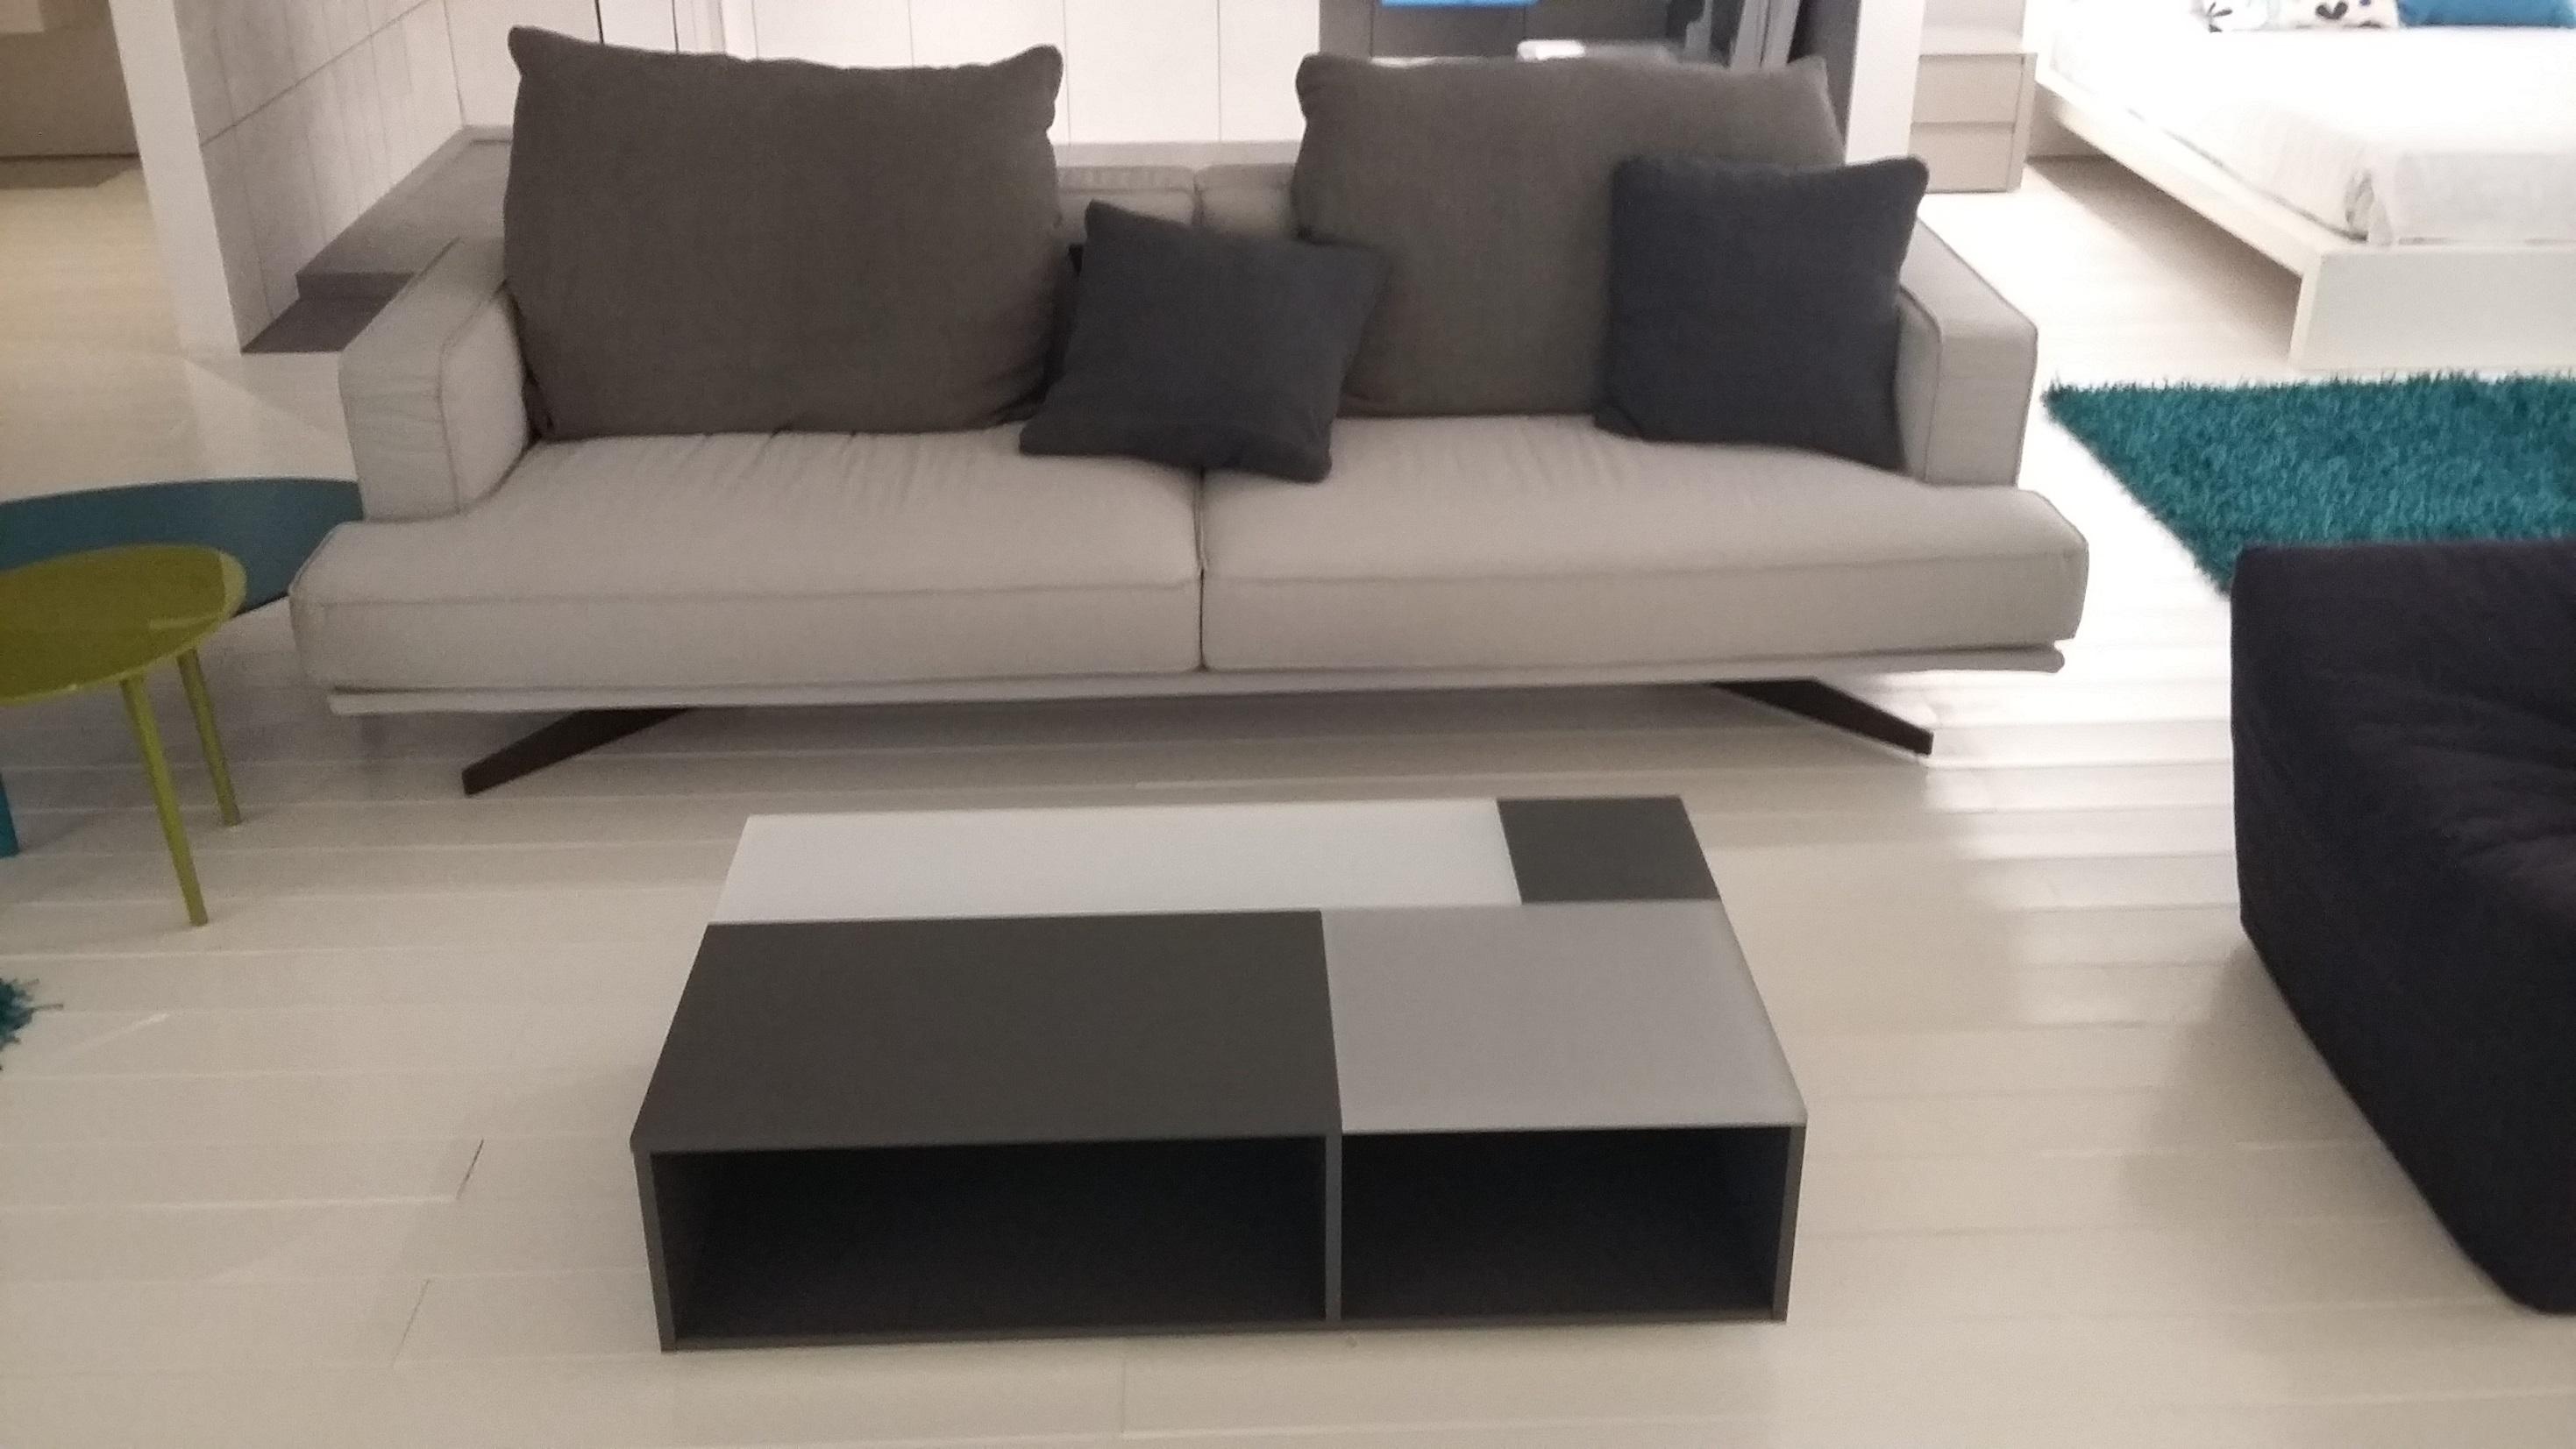 divano jesse modello oliver divani a prezzi scontati